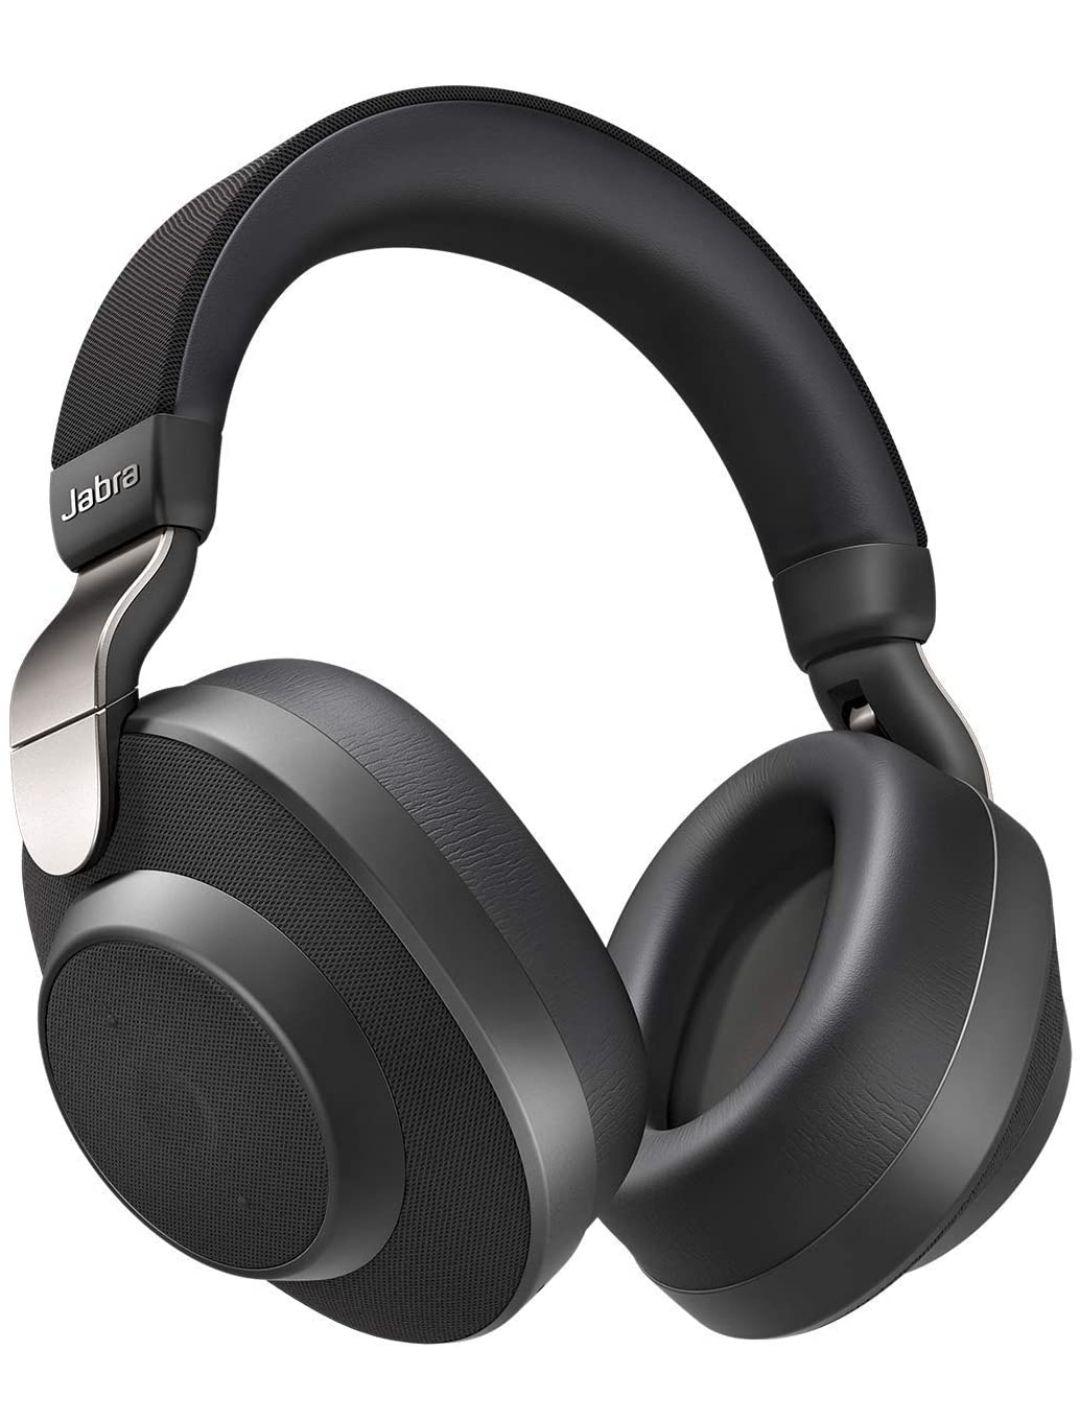 Jabra Elite 85h Over-Ear Headphones – Active Noise Cancelling Wireless Earphones - £104.88 with voucher @ Amazon